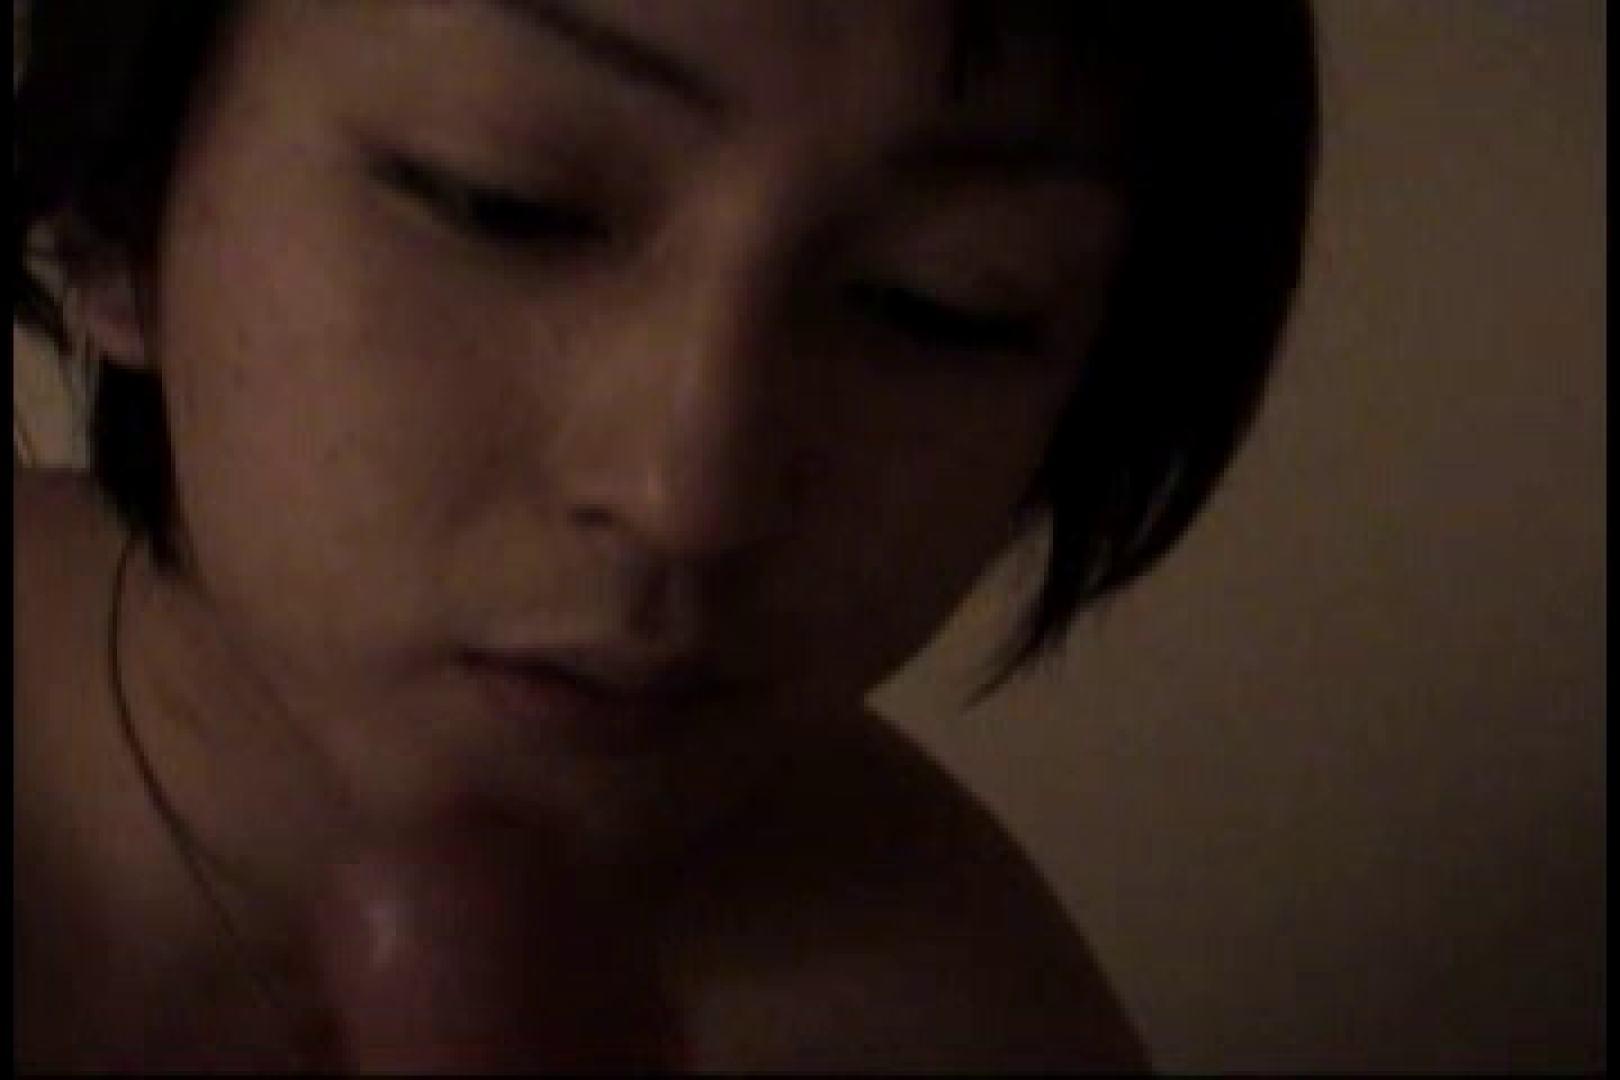 三ッ星シリーズ!!新春Special File 04 オナニー ゲイエロ画像 100pic 93